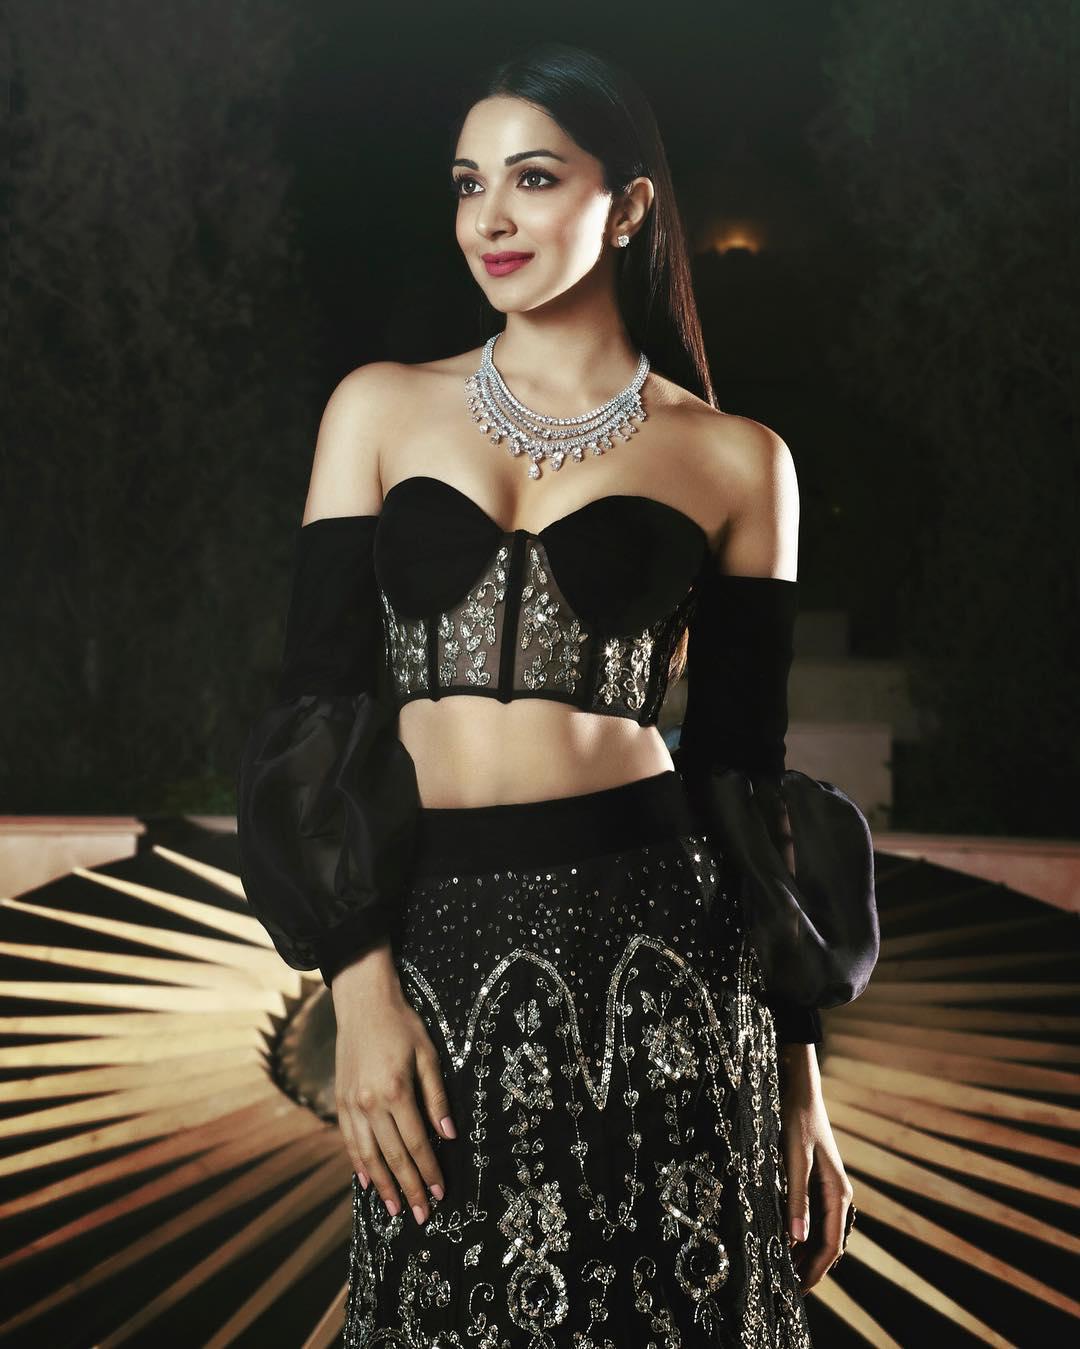 Kiara Advani in Black Dress